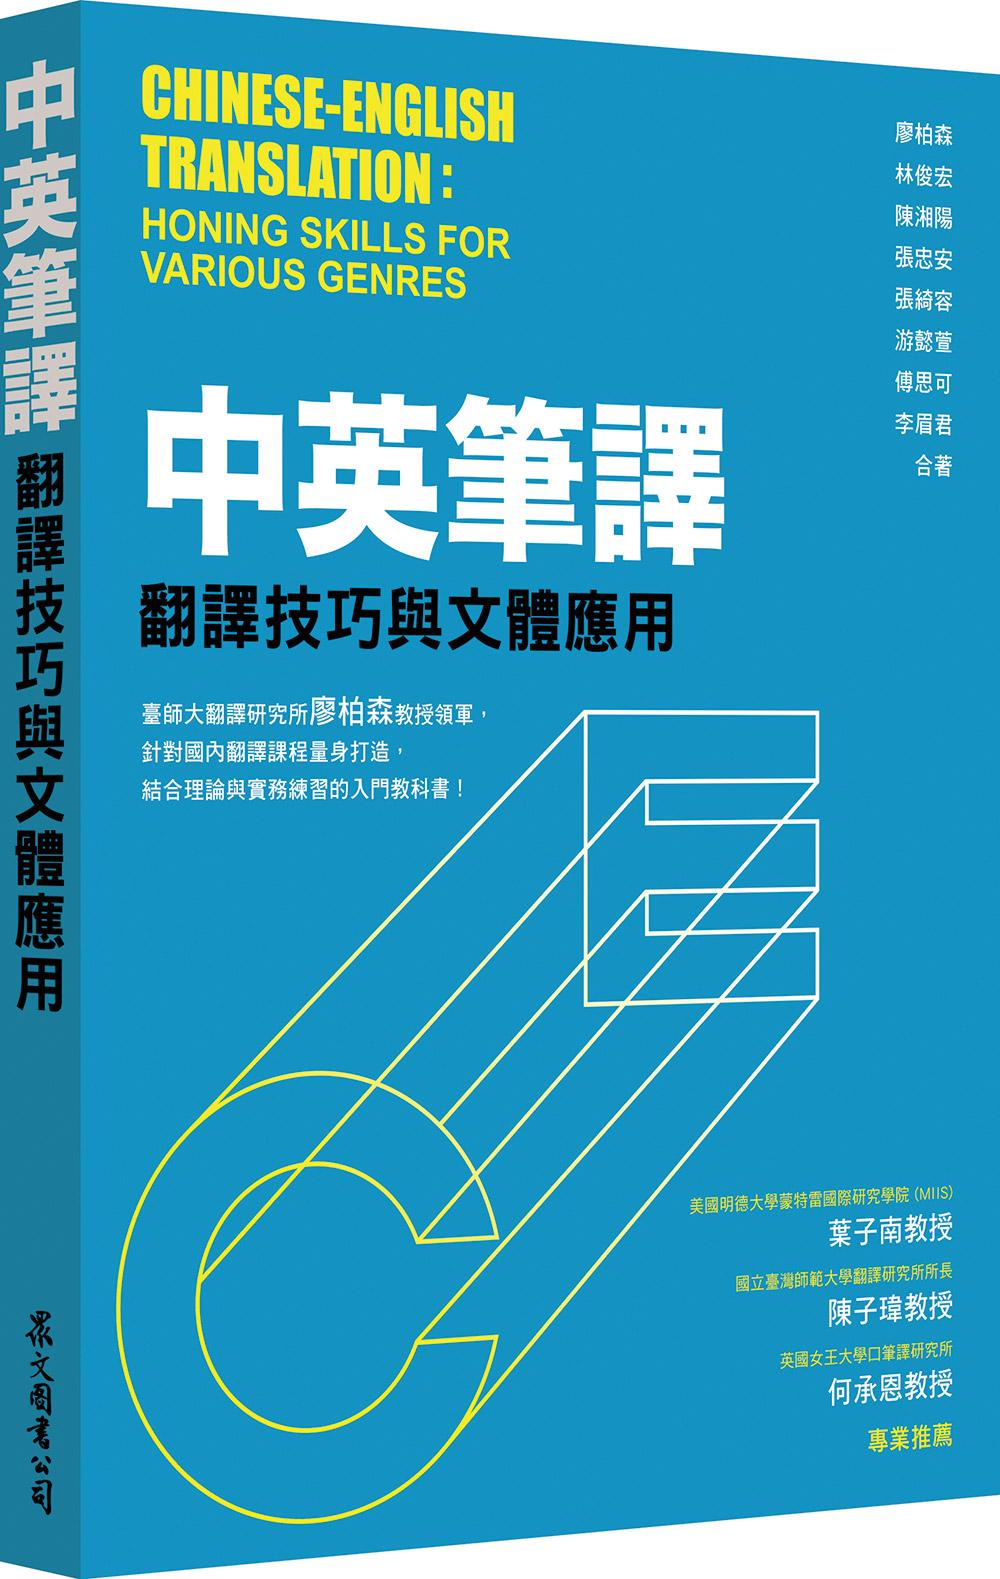 中英筆譯:翻譯技巧與文體應用 - 眾文圖書